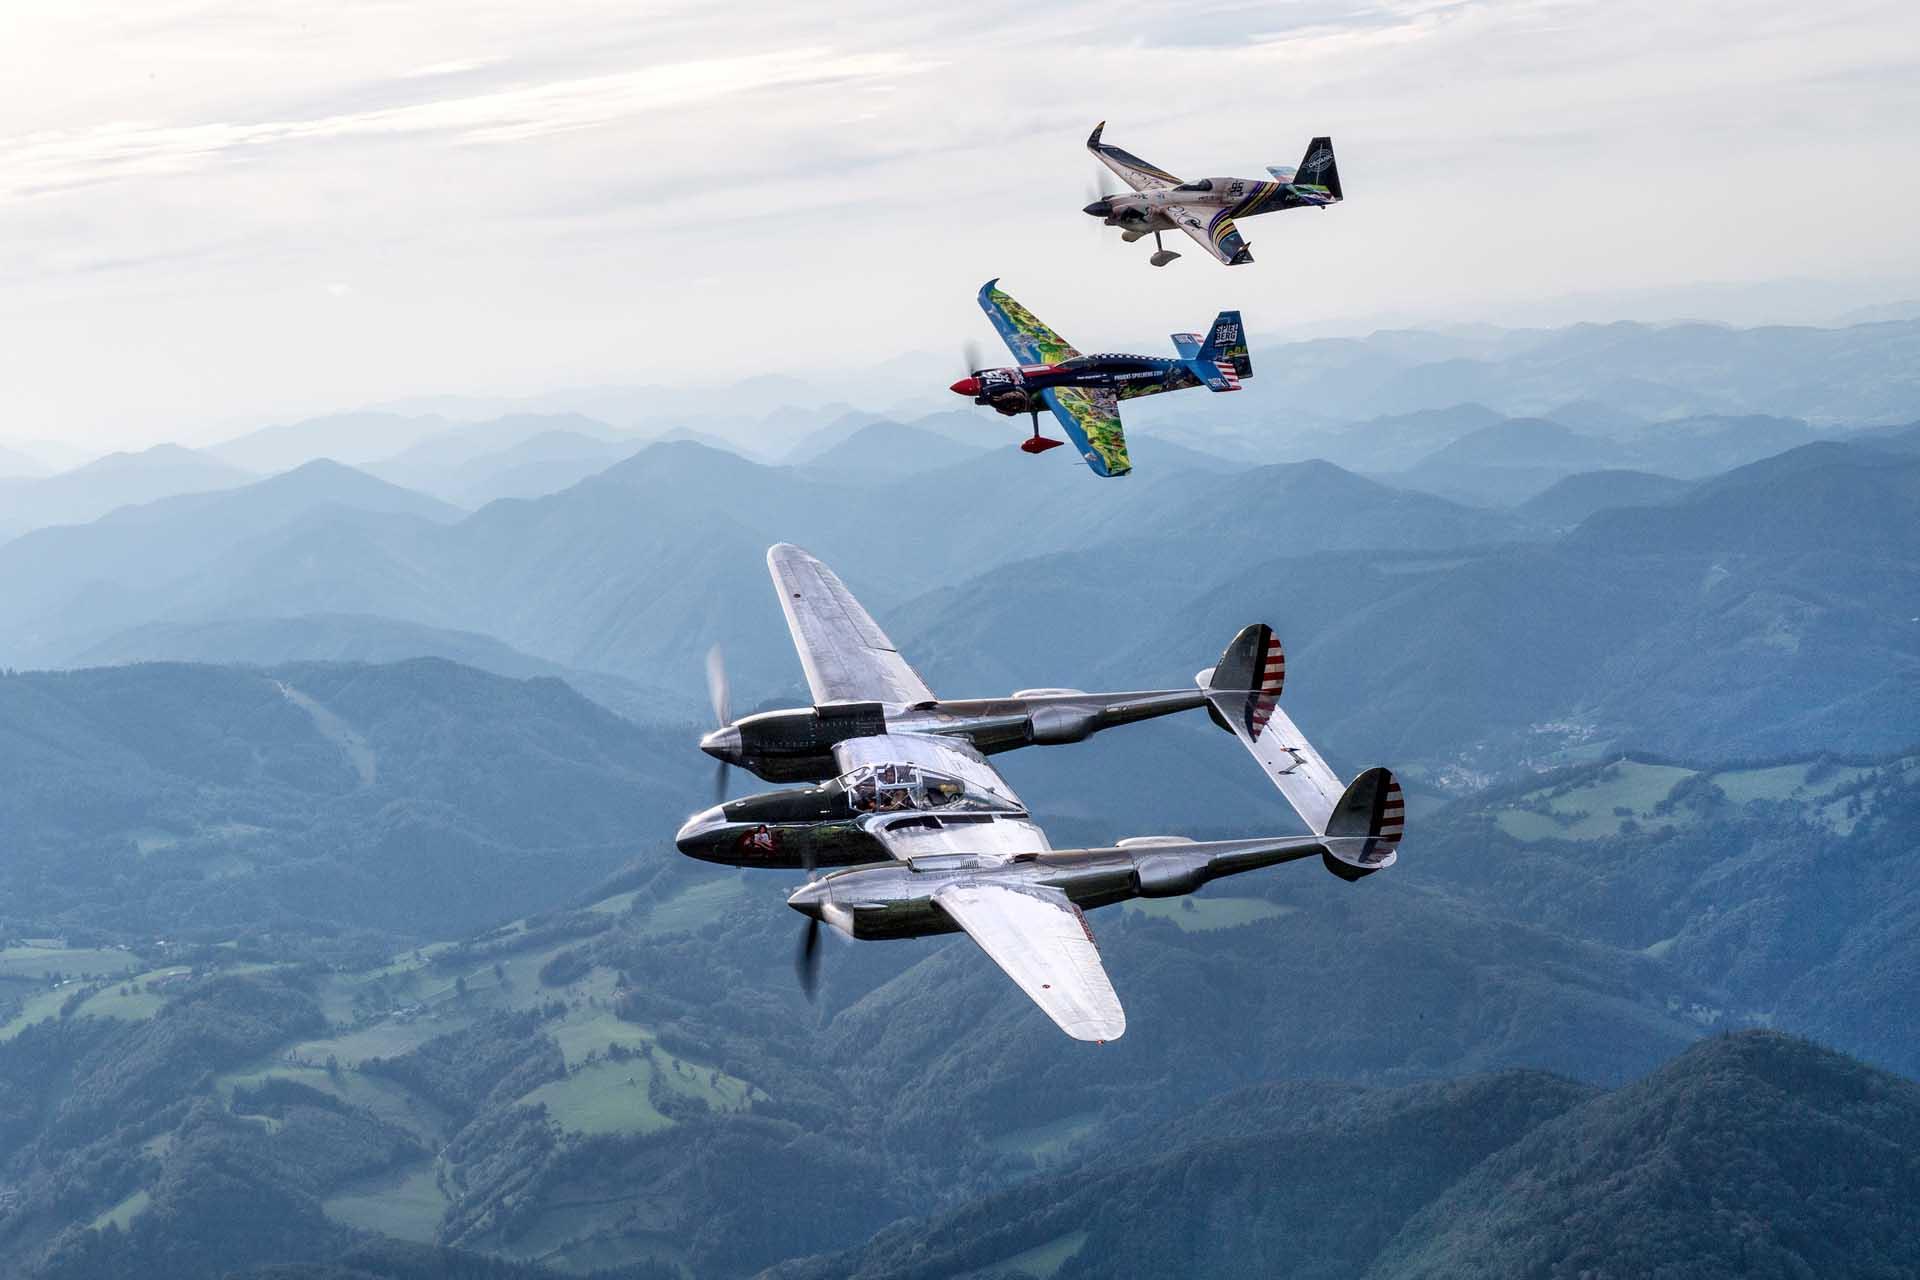 Die Stars, die beim RED BULL RACE DAY im Himmel in Aktion treten, werden Aviatik-Fans ins Schwärmen bringen. Sie reichen von einer seltenen P-38 Lightning von The Flying Bulls bis hin zur Classic Formation bestehend aus einer Swissair DC-3 und drei Beech 18 Maschinen.